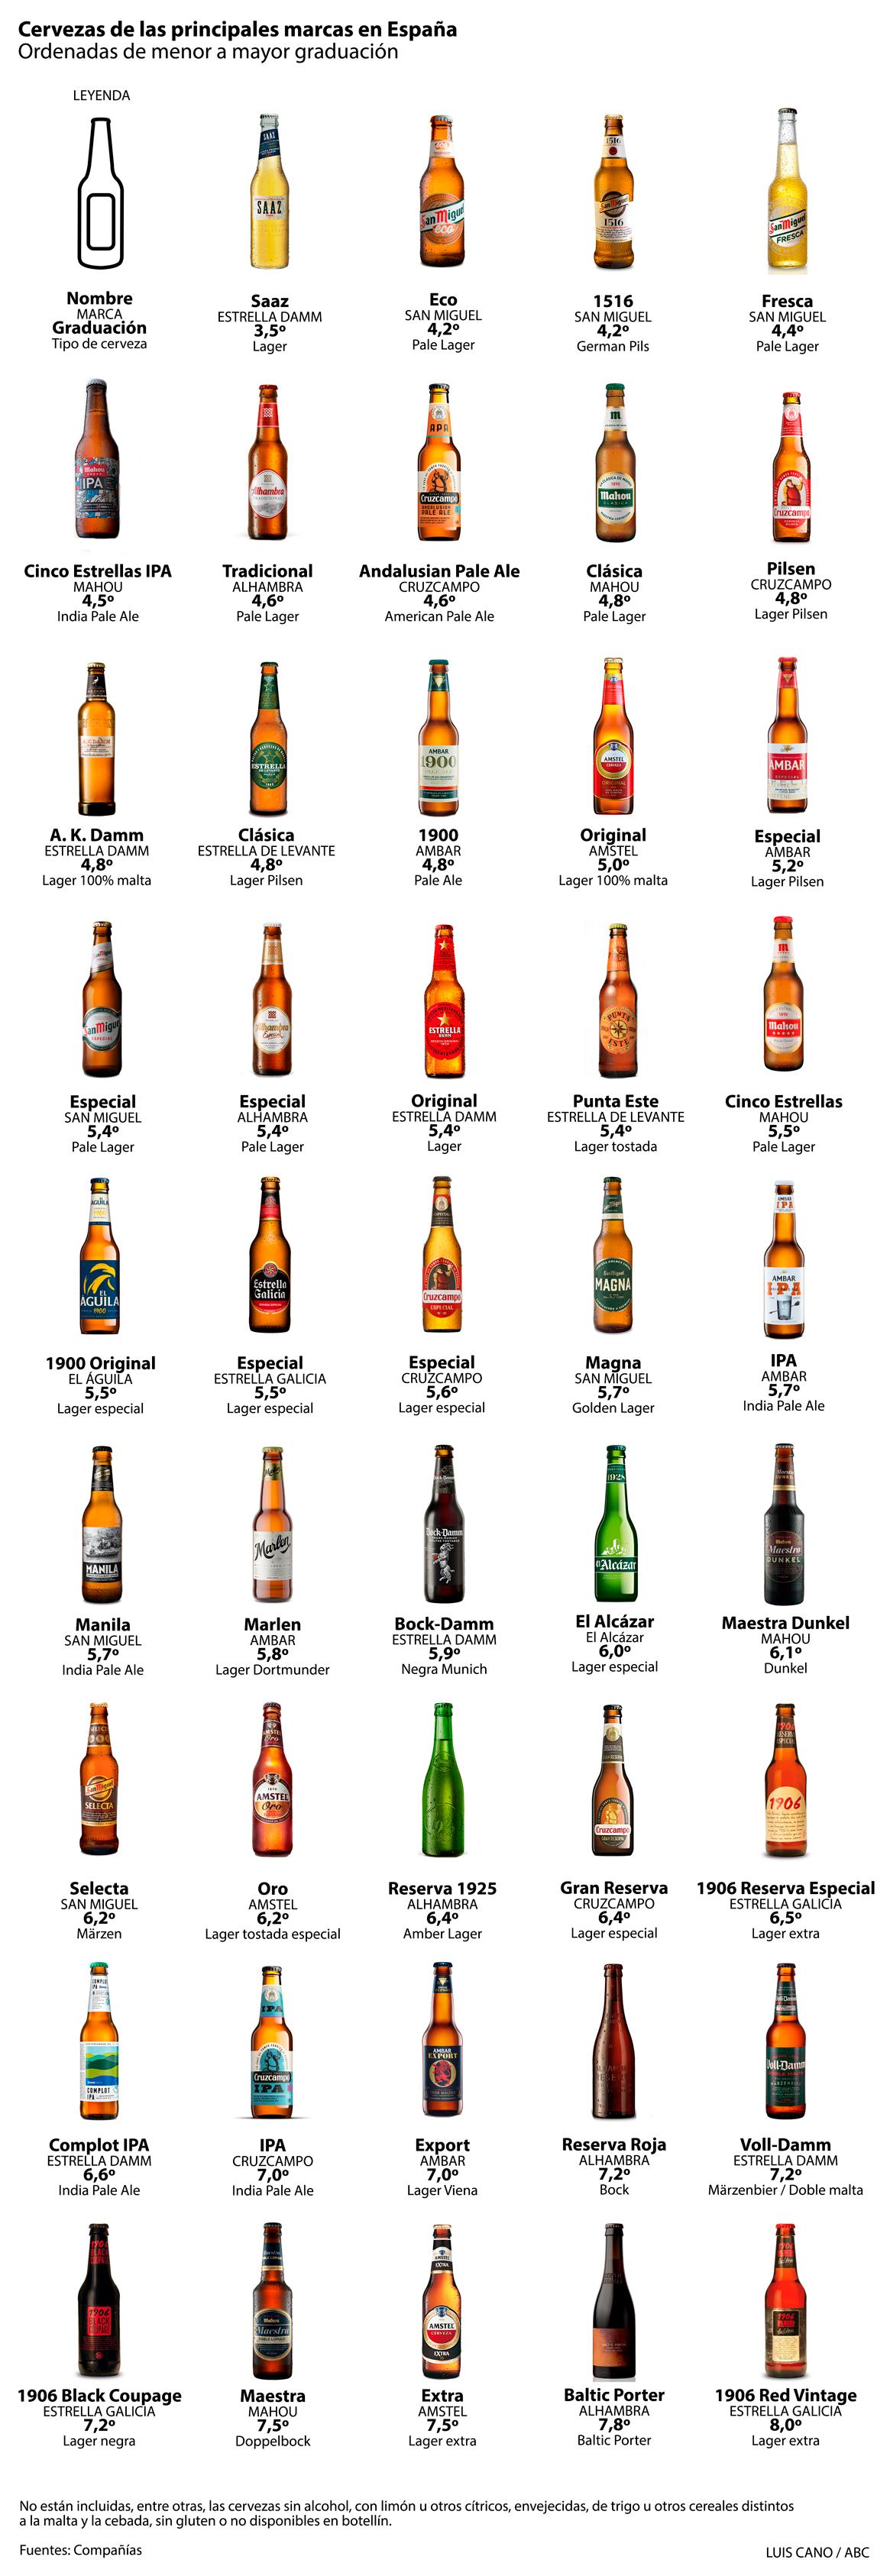 Tipos de cerveza vendidos en España